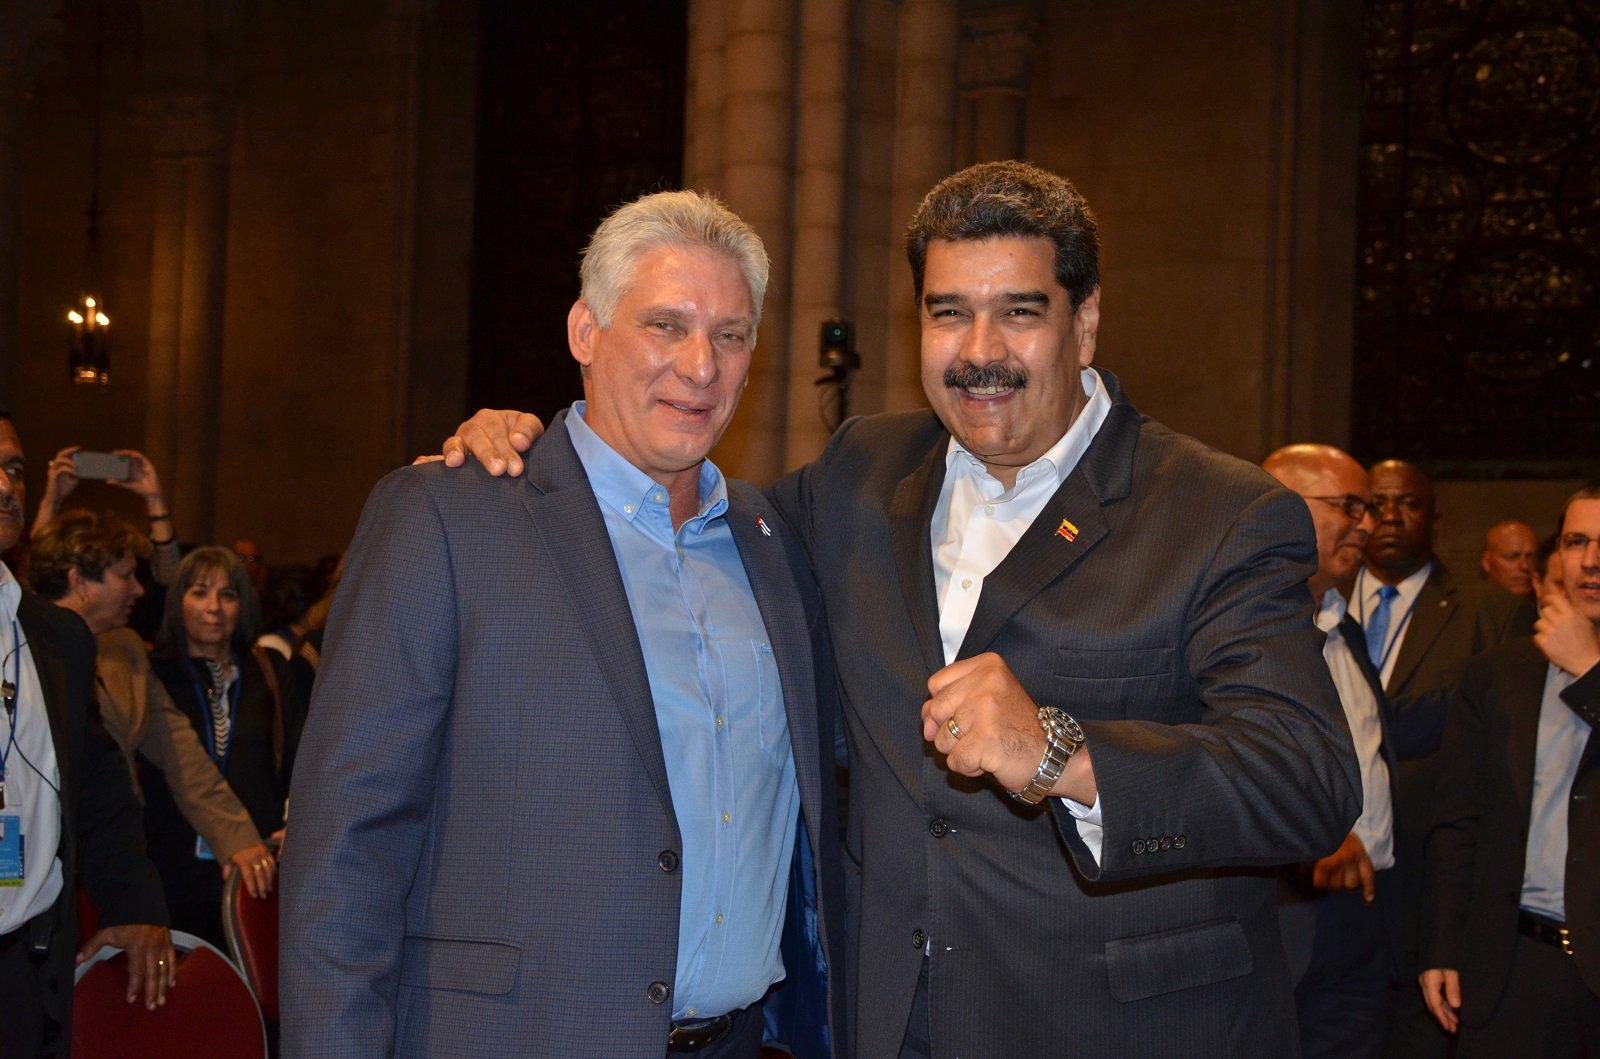 Presidente cubano en Nueva York: 'La política extranjera de Cuba es solidaridad'